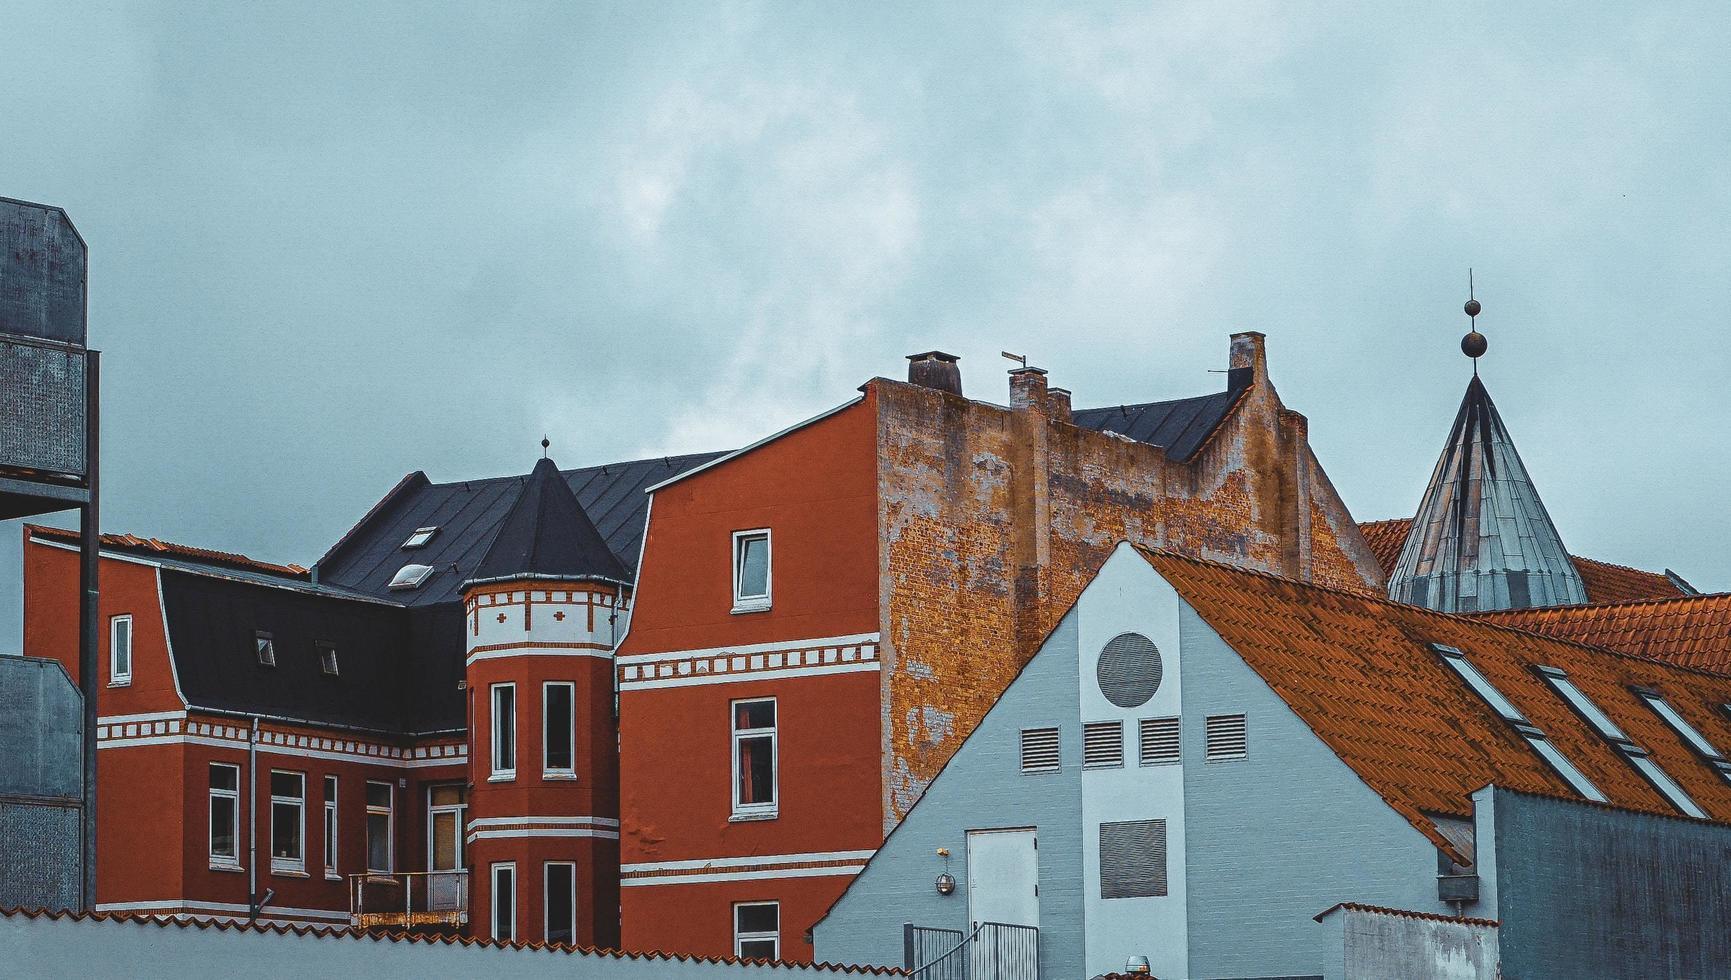 maisons traditionnelles de la vieille ville de silkeborg photo